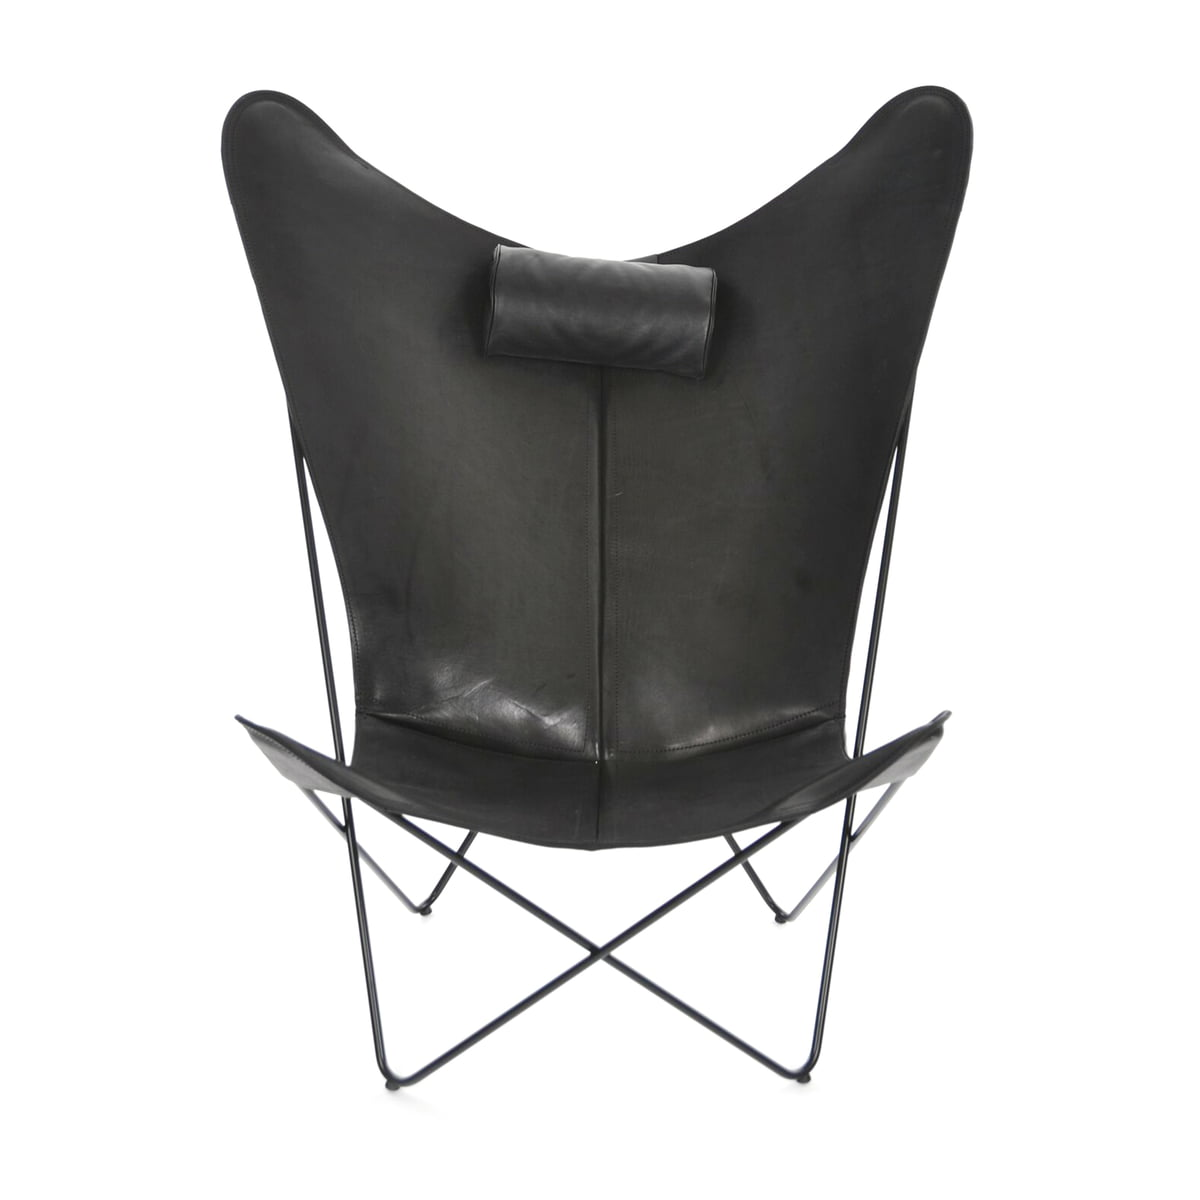 ks sessel von ox denmarq connox shop kaufen. Black Bedroom Furniture Sets. Home Design Ideas